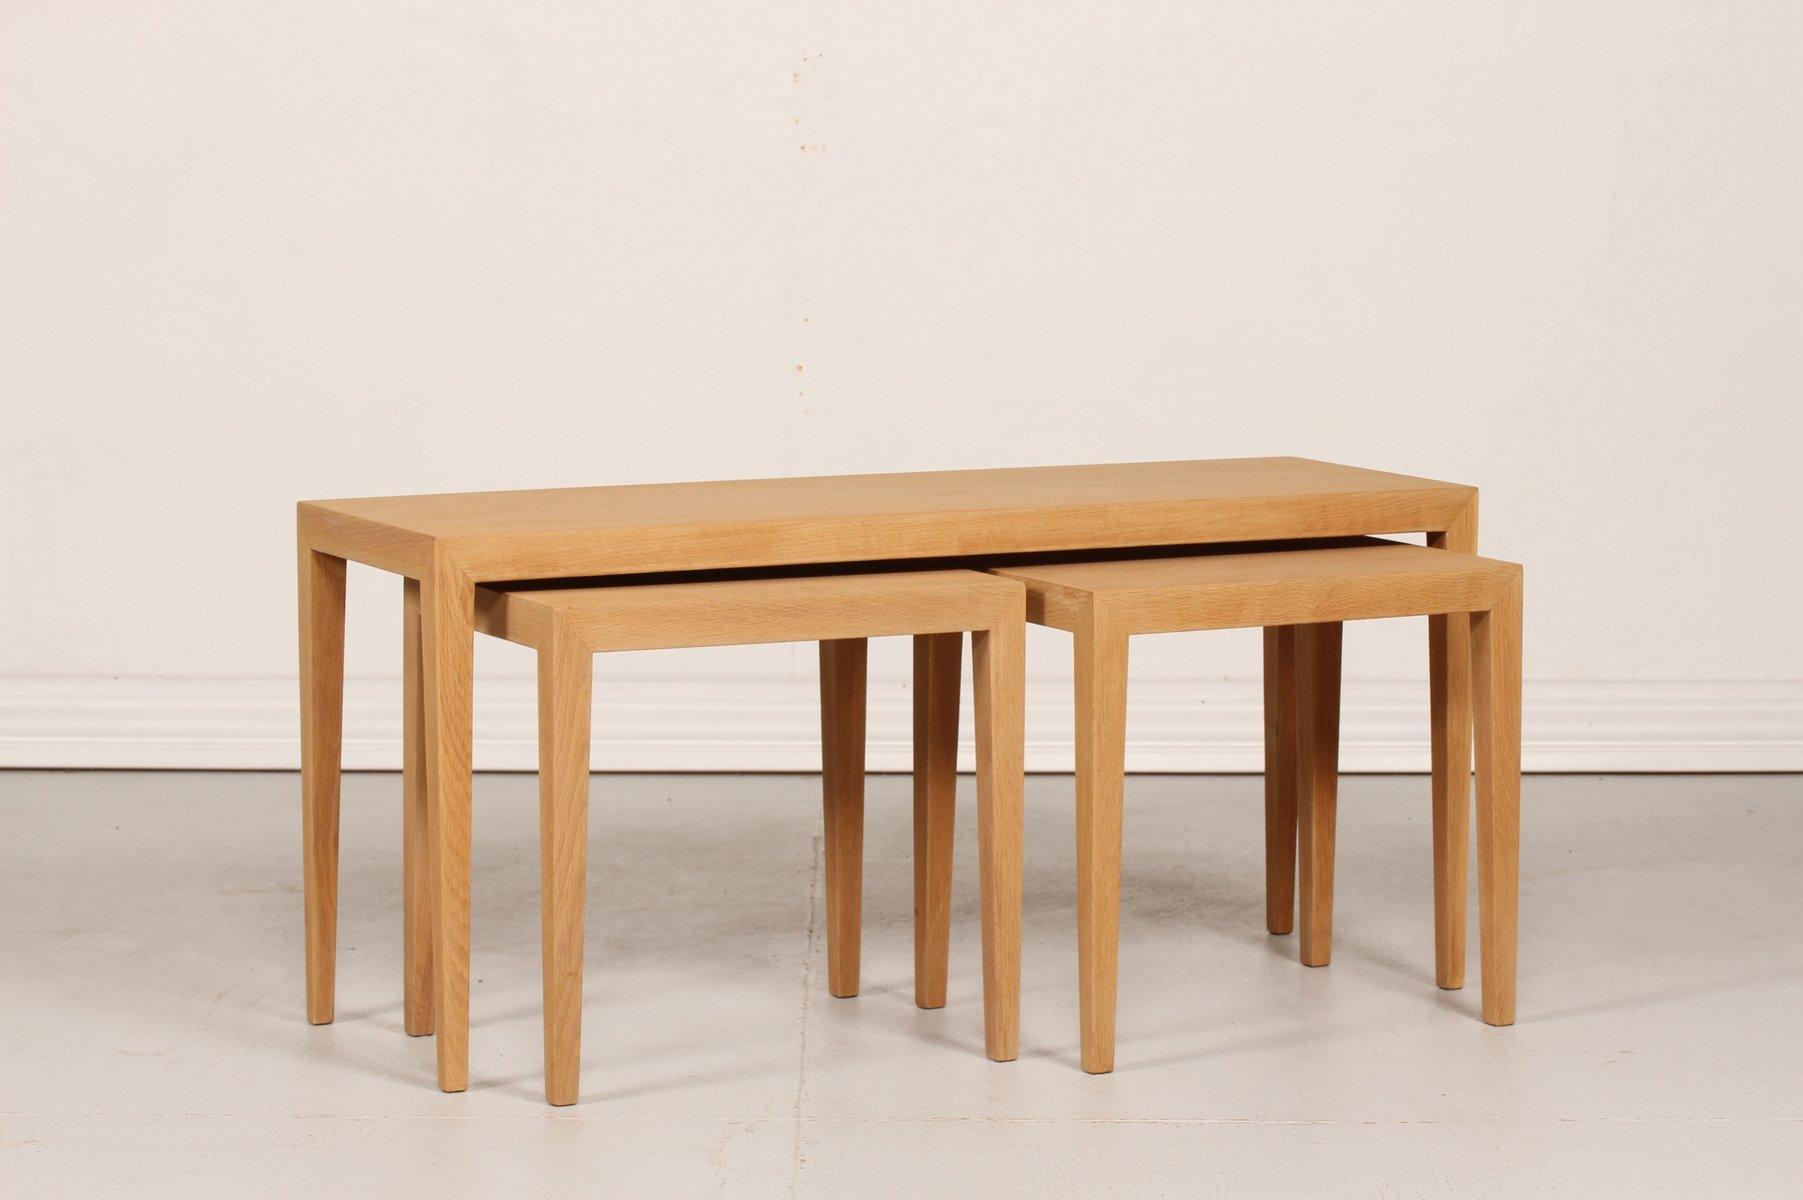 eichenholz satztische sets online kaufen m bel suchmaschine. Black Bedroom Furniture Sets. Home Design Ideas